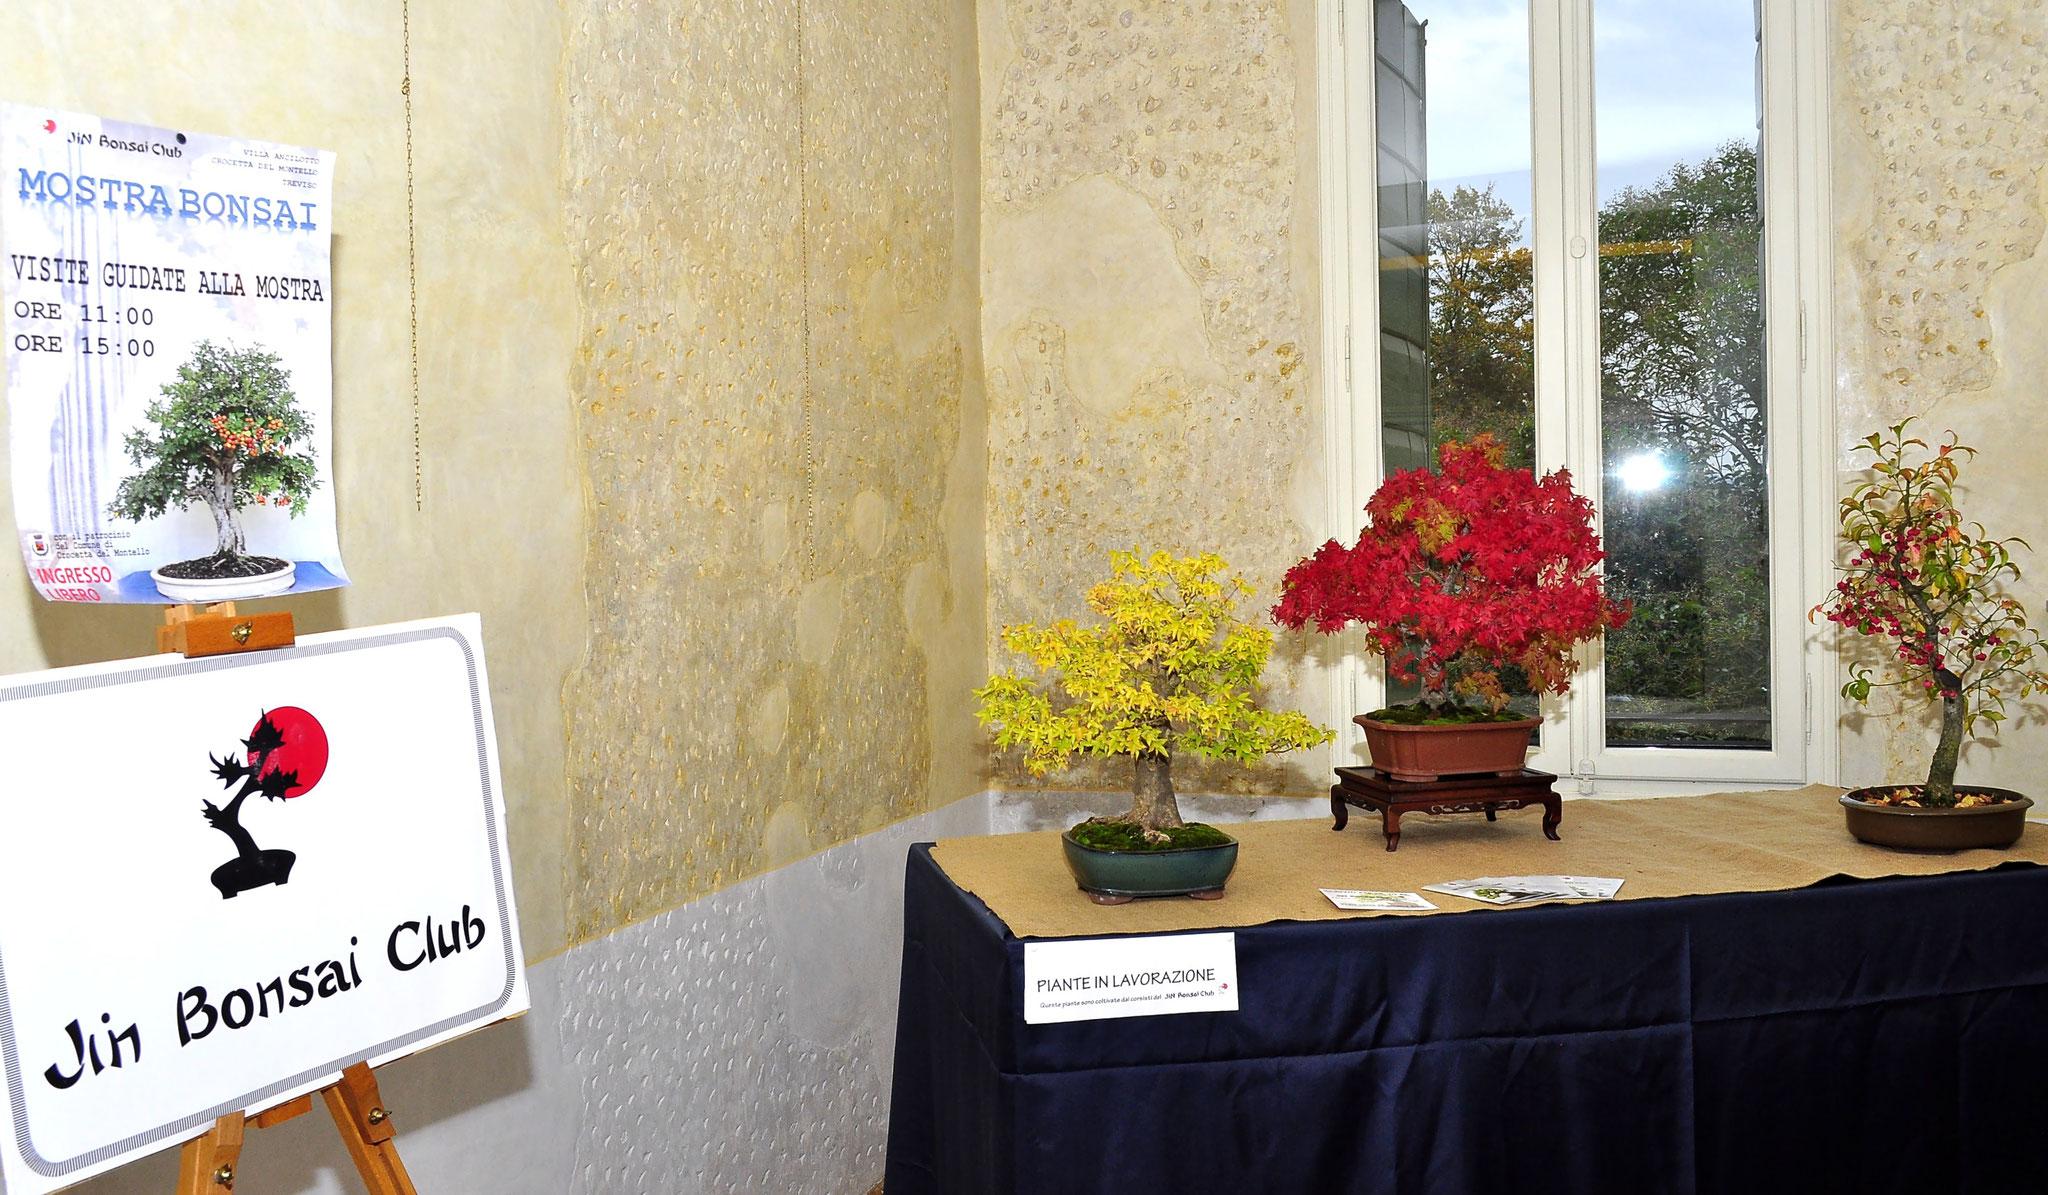 Esposizione piante in lavorazione